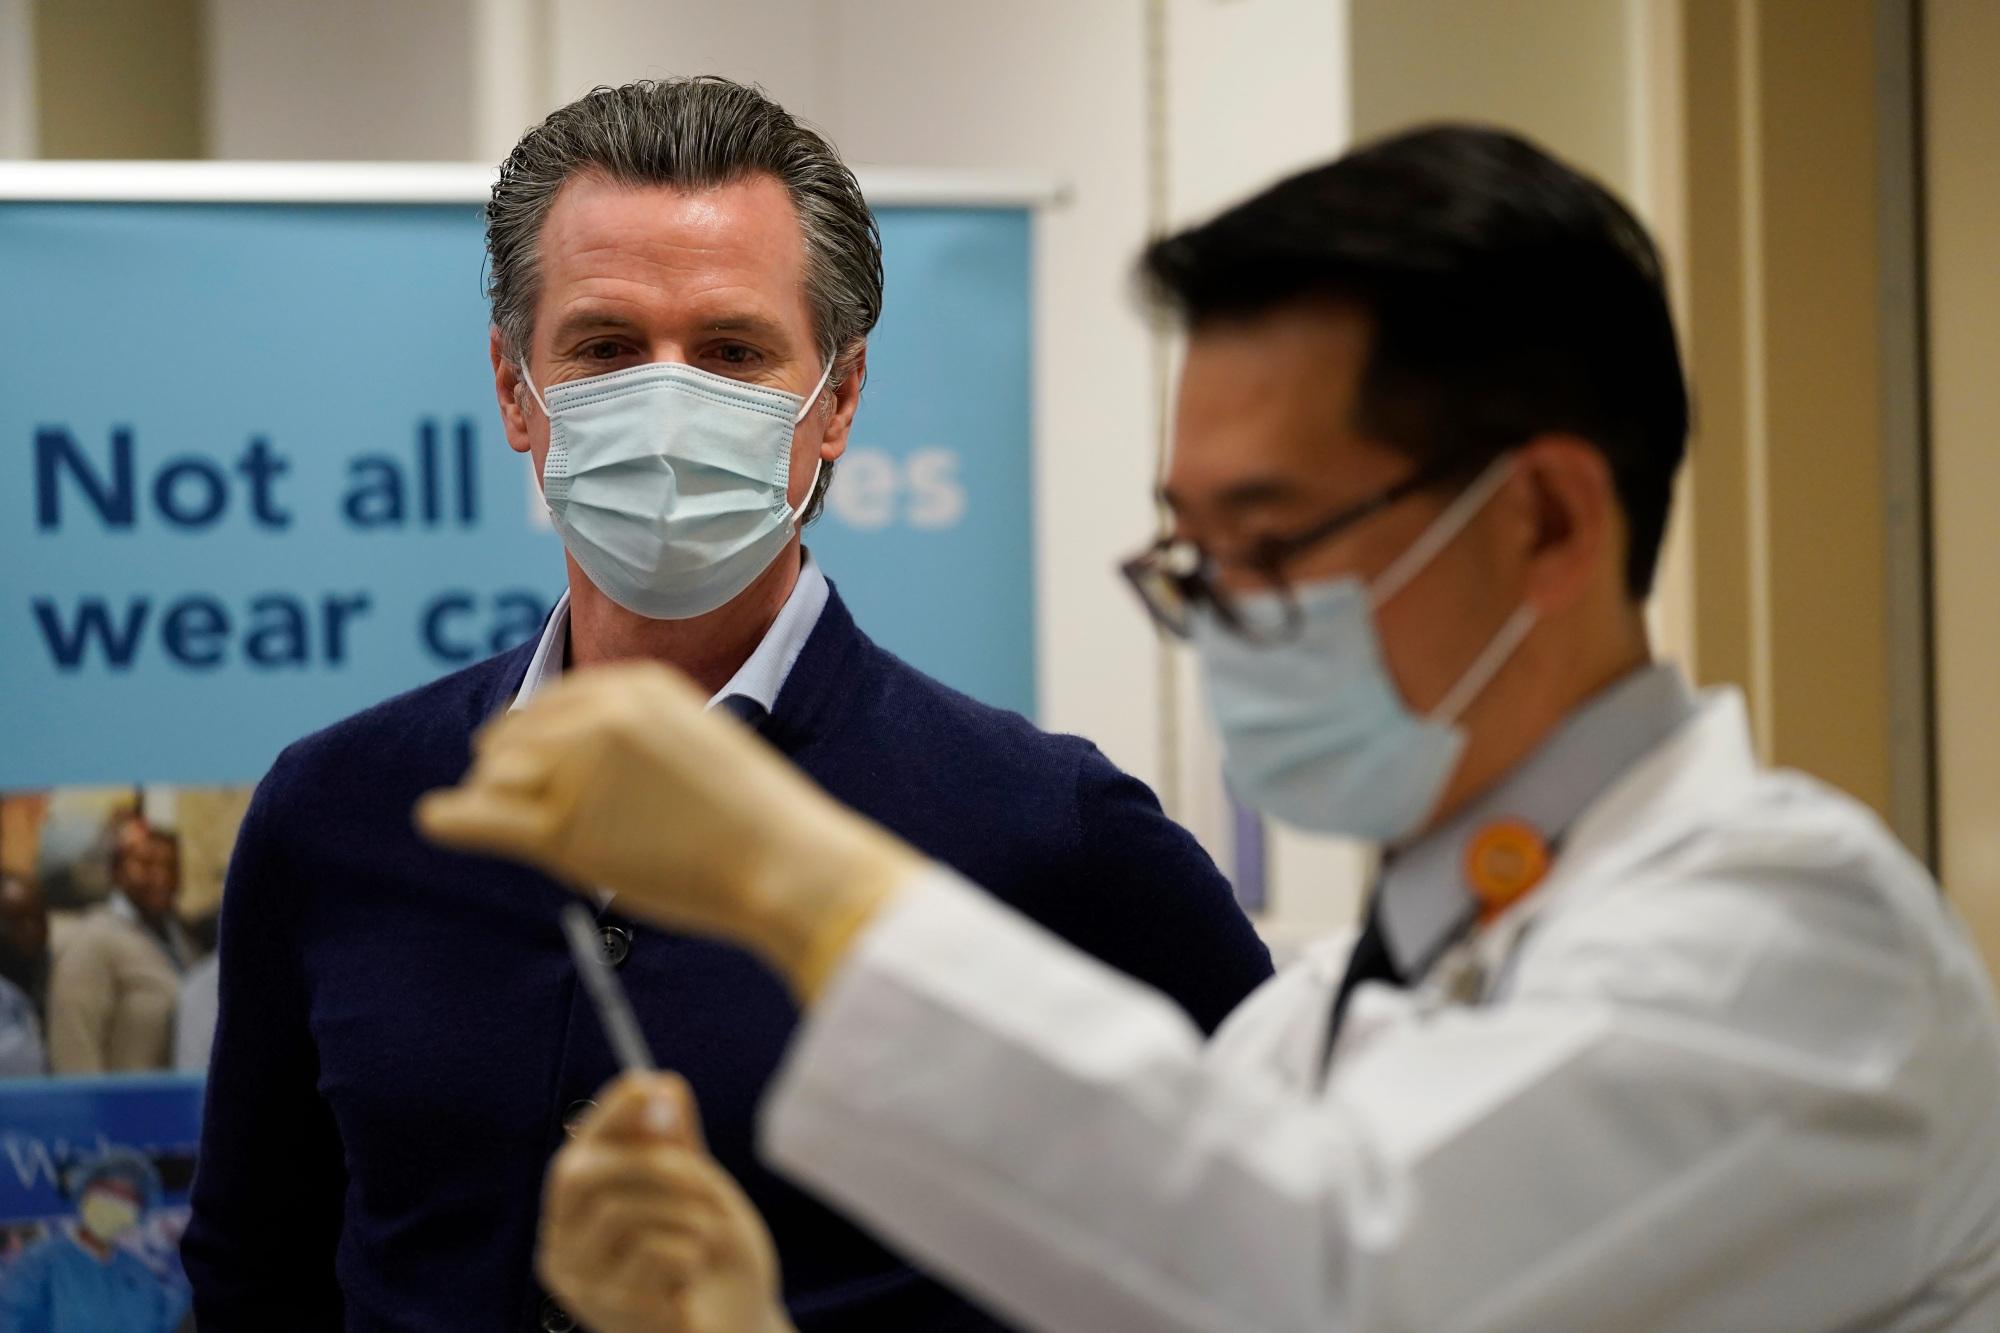 加州州长纽森:实现群体免疫这个目标仍有些虚幻